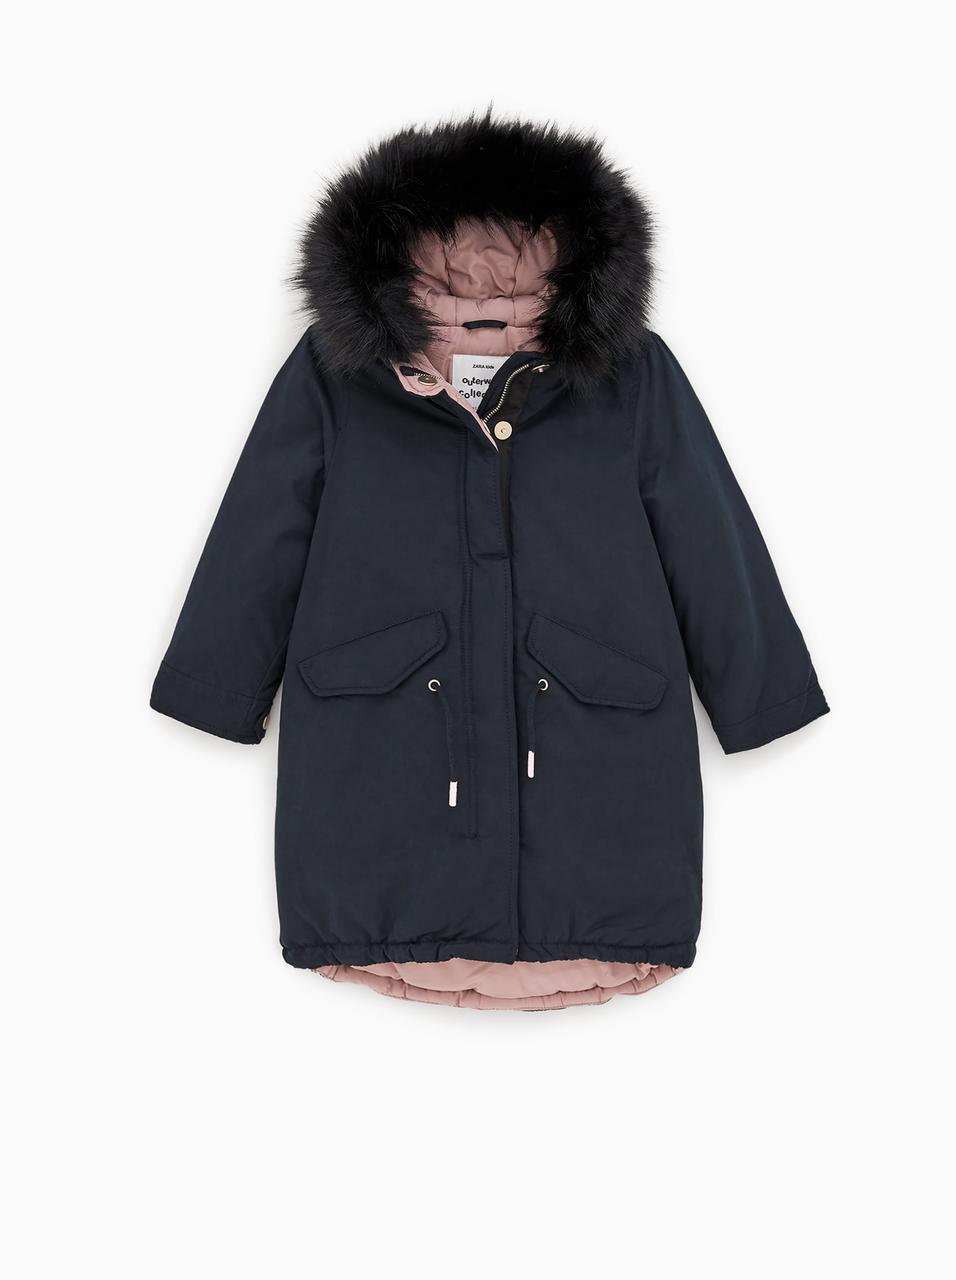 Пуховик Zara размер 164 см зимнее пальто для девочек подростков пуховики детские